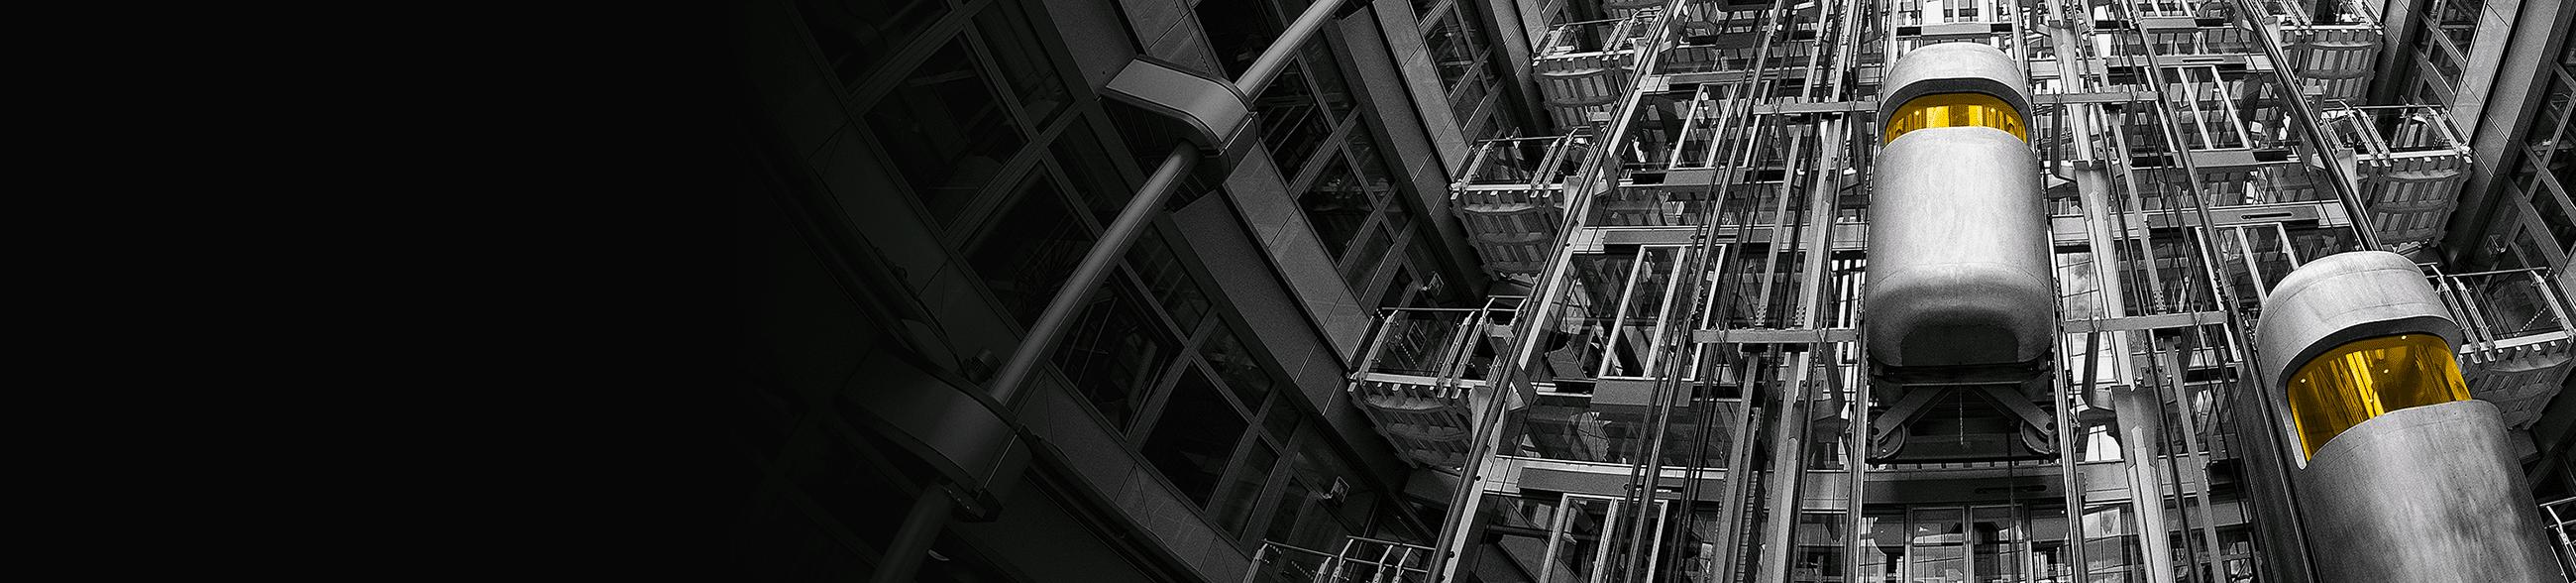 Ascenseurs_2